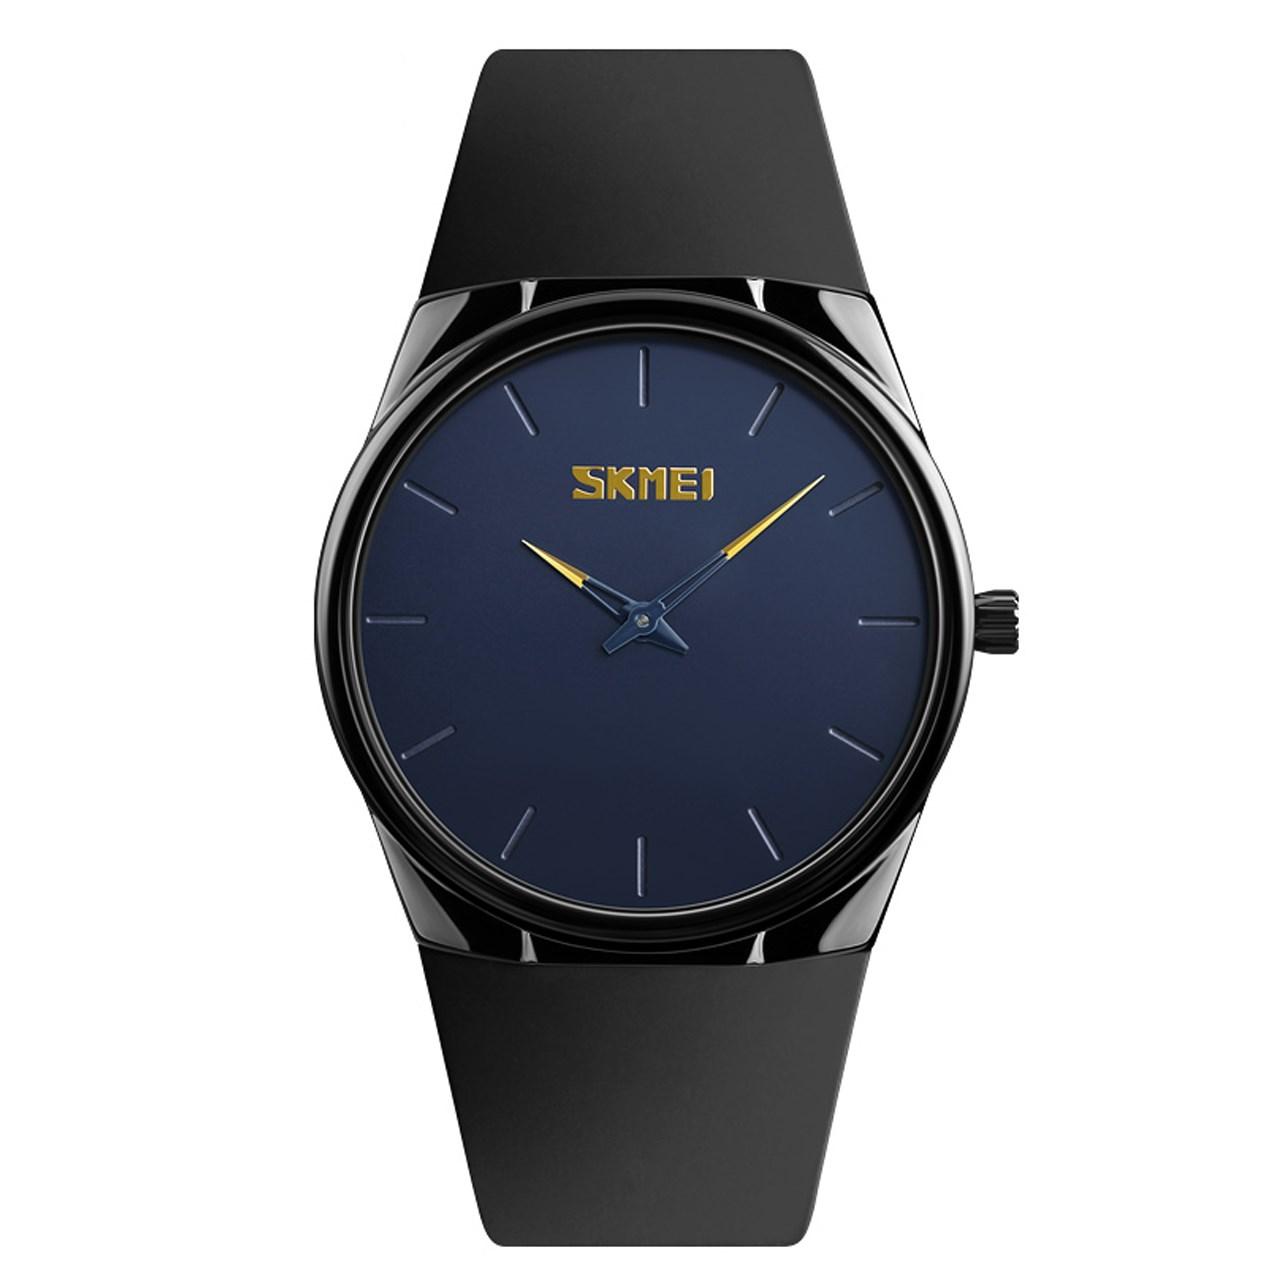 ساعت  اسکمی مدل 1601 کد 02